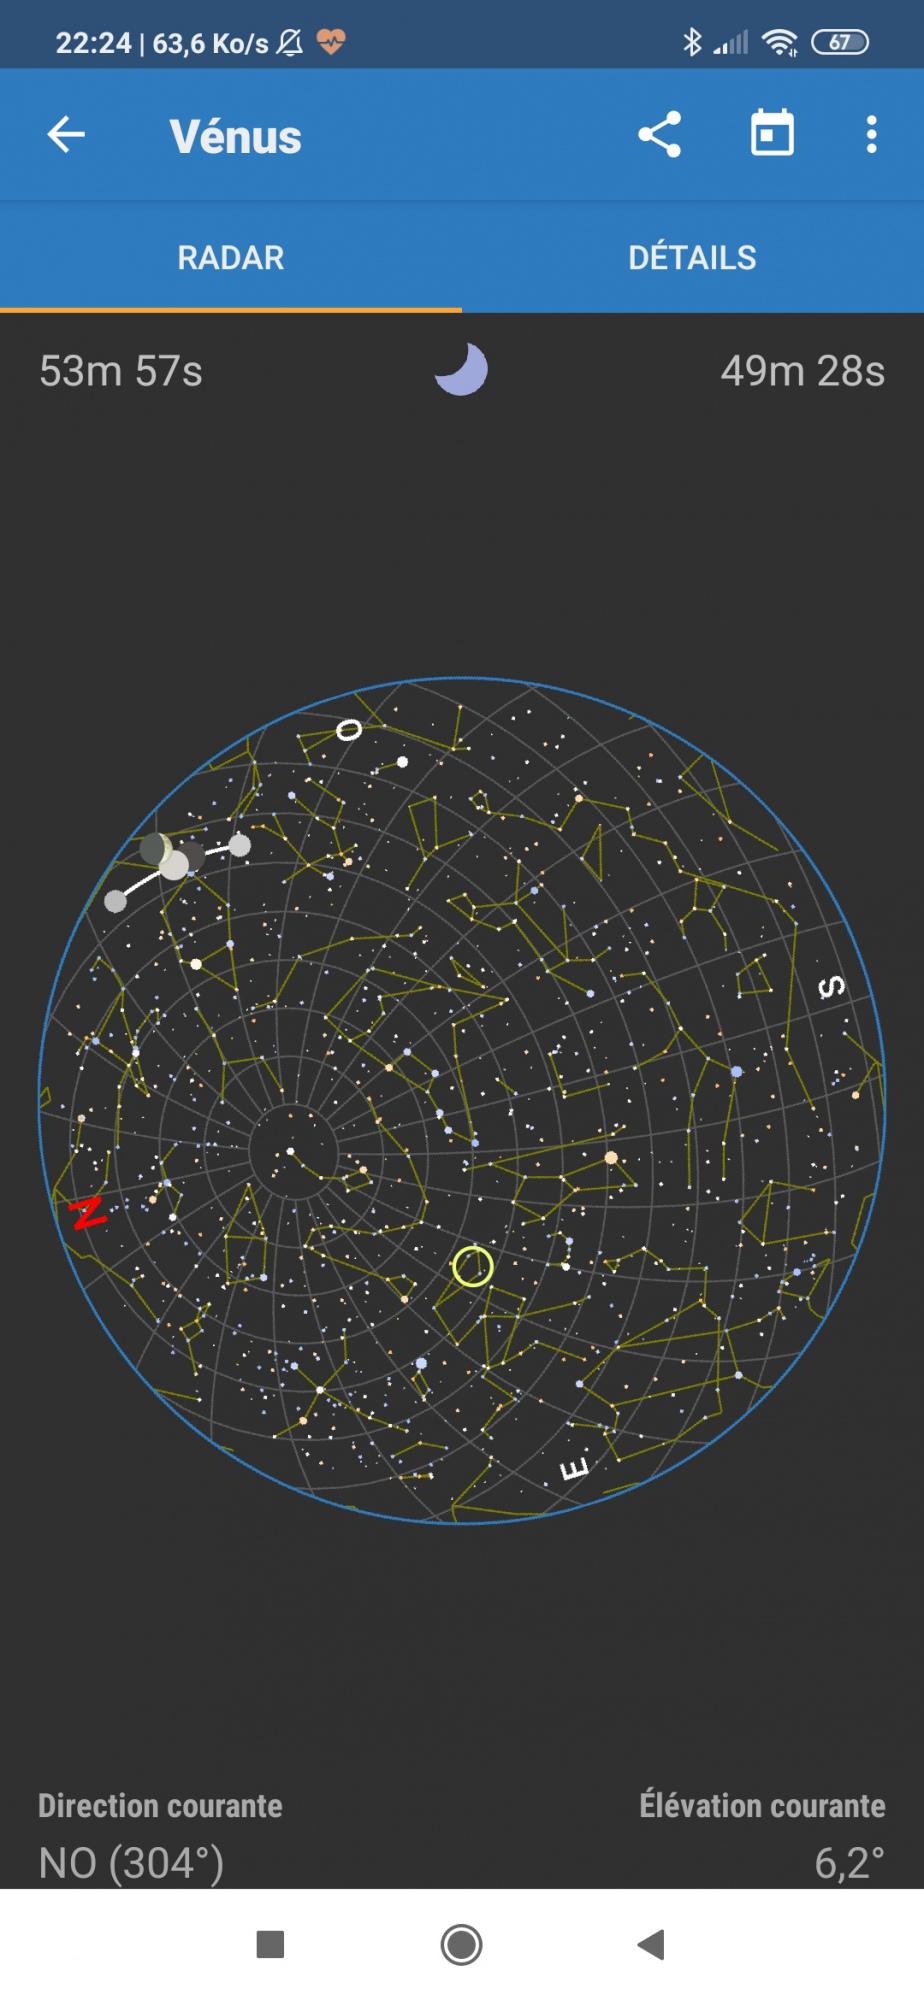 Screenshot_2020-05-23-22-24-59-273_com.runar.issdetector.thumb.jpg.341a5c27e0cd65b91faa1fbbc447d9c7.jpg